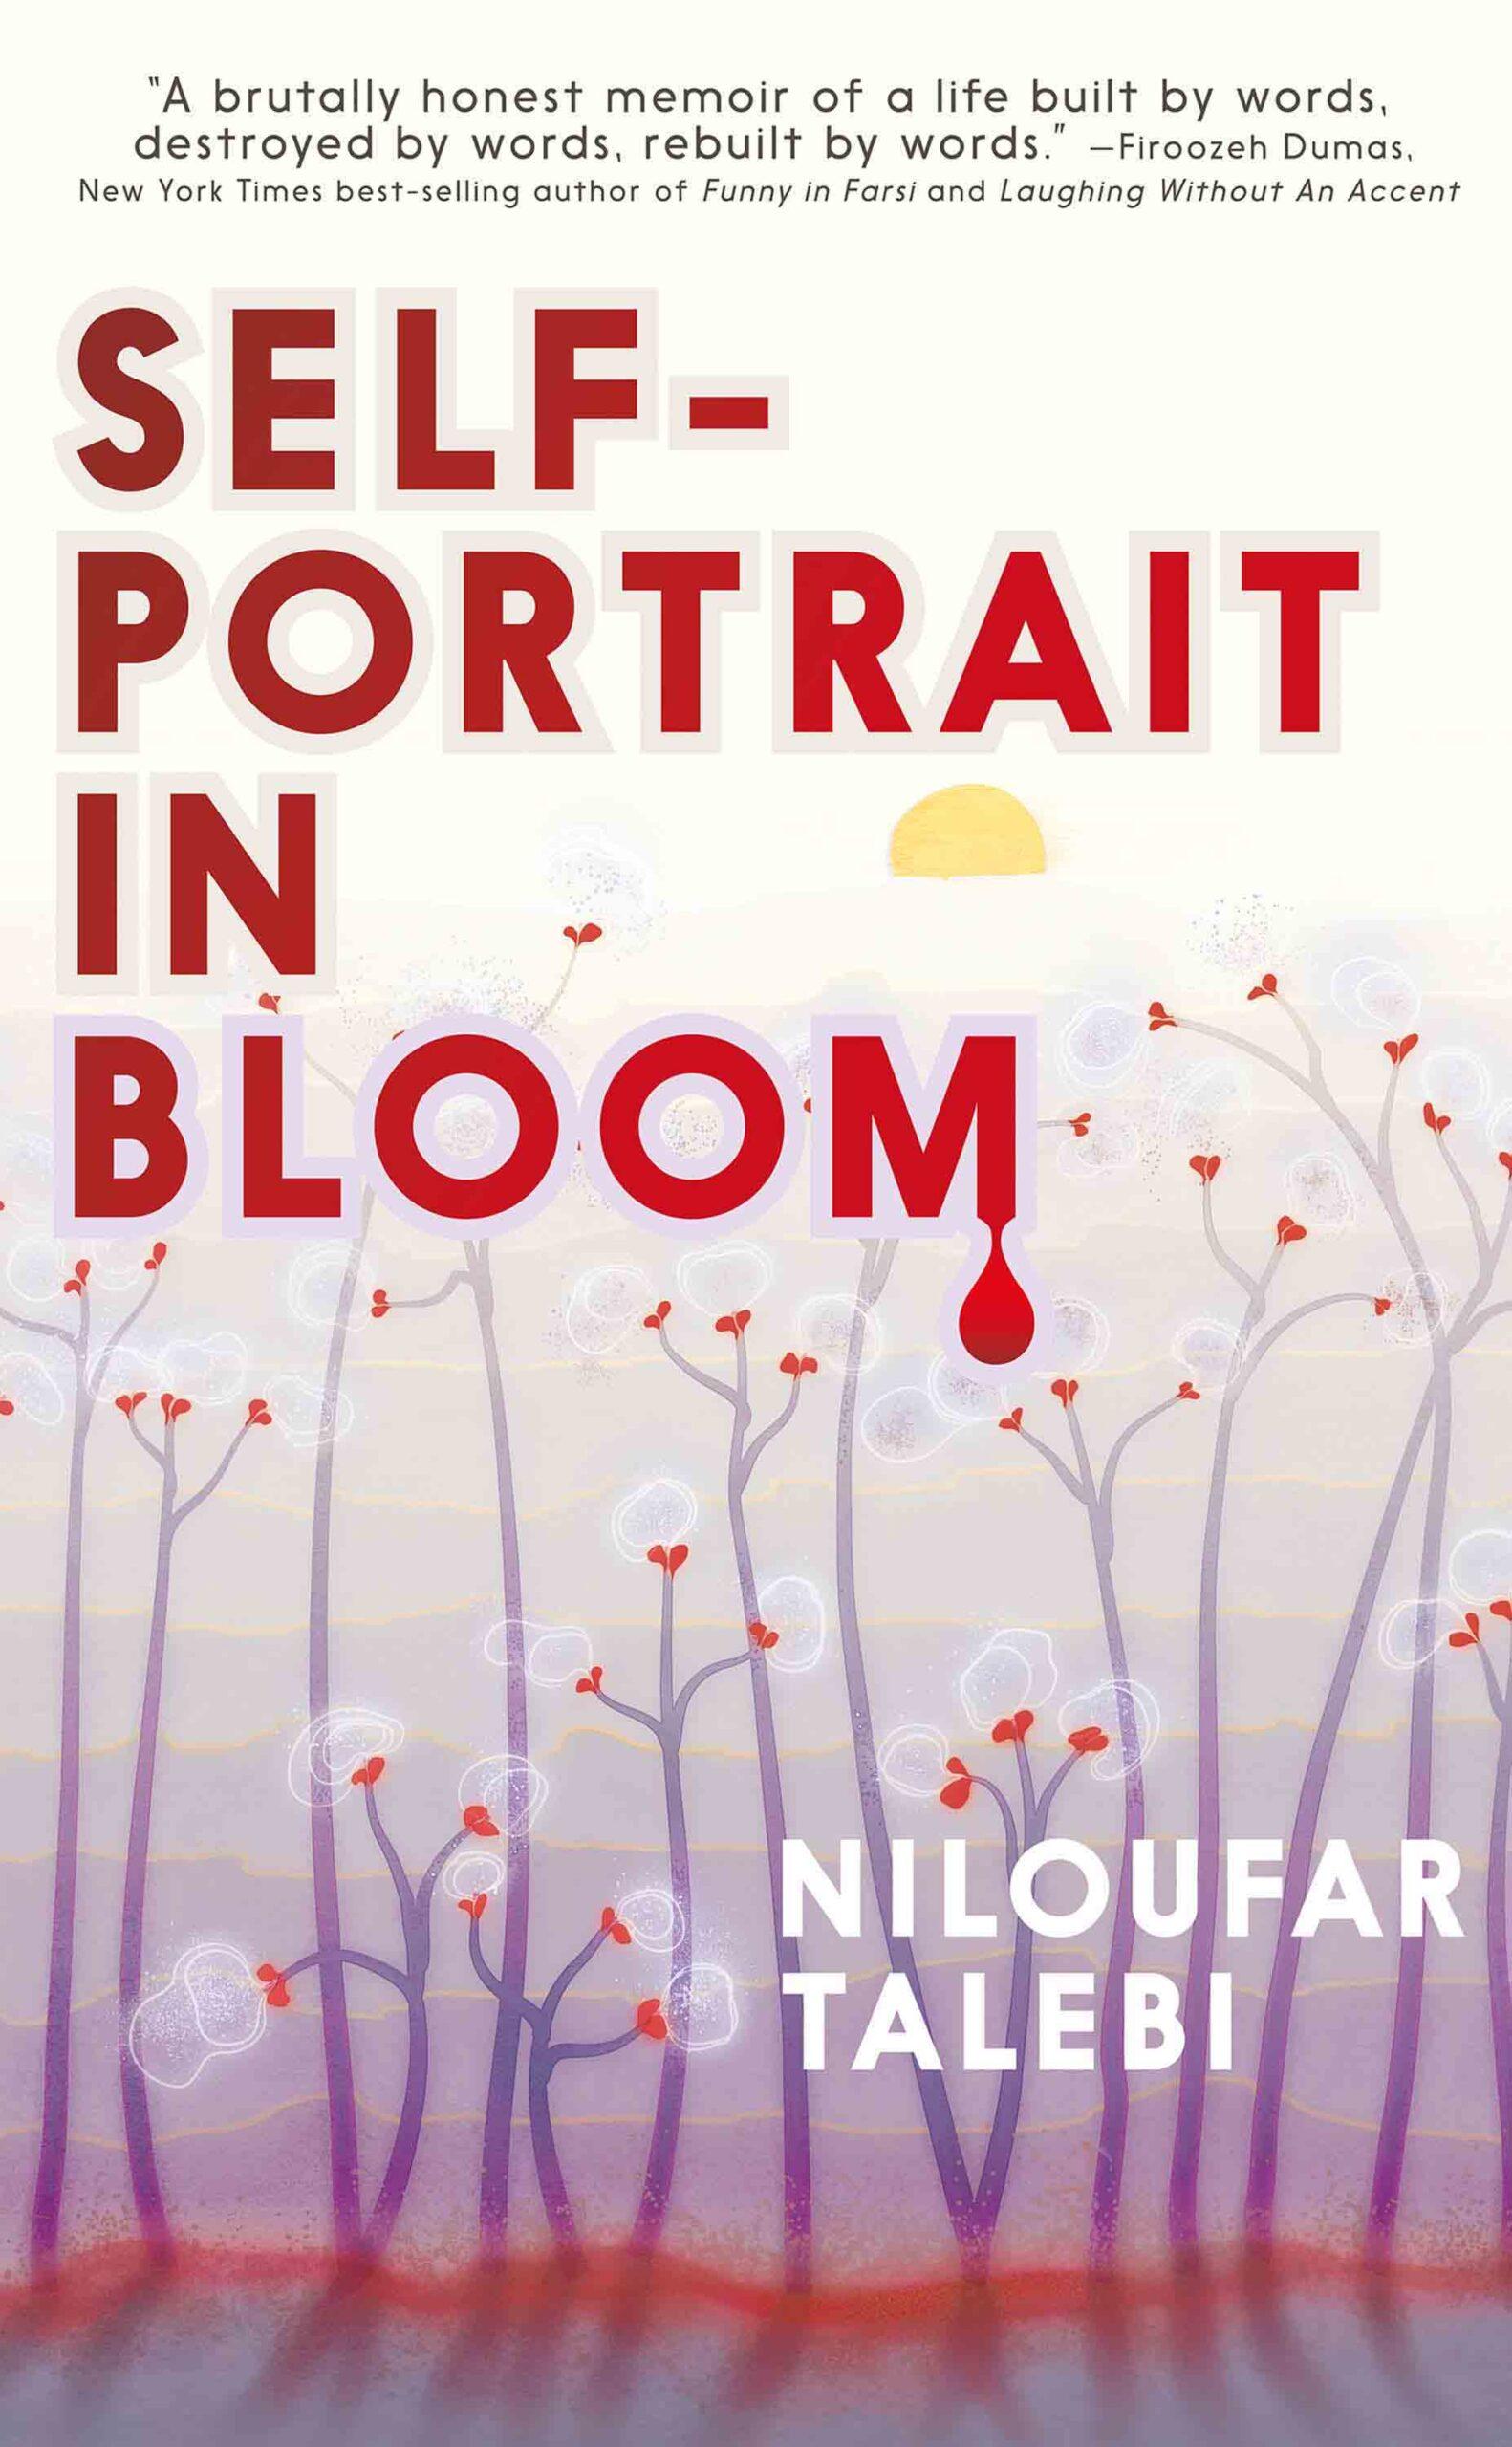 Self-Portrait in Bloom